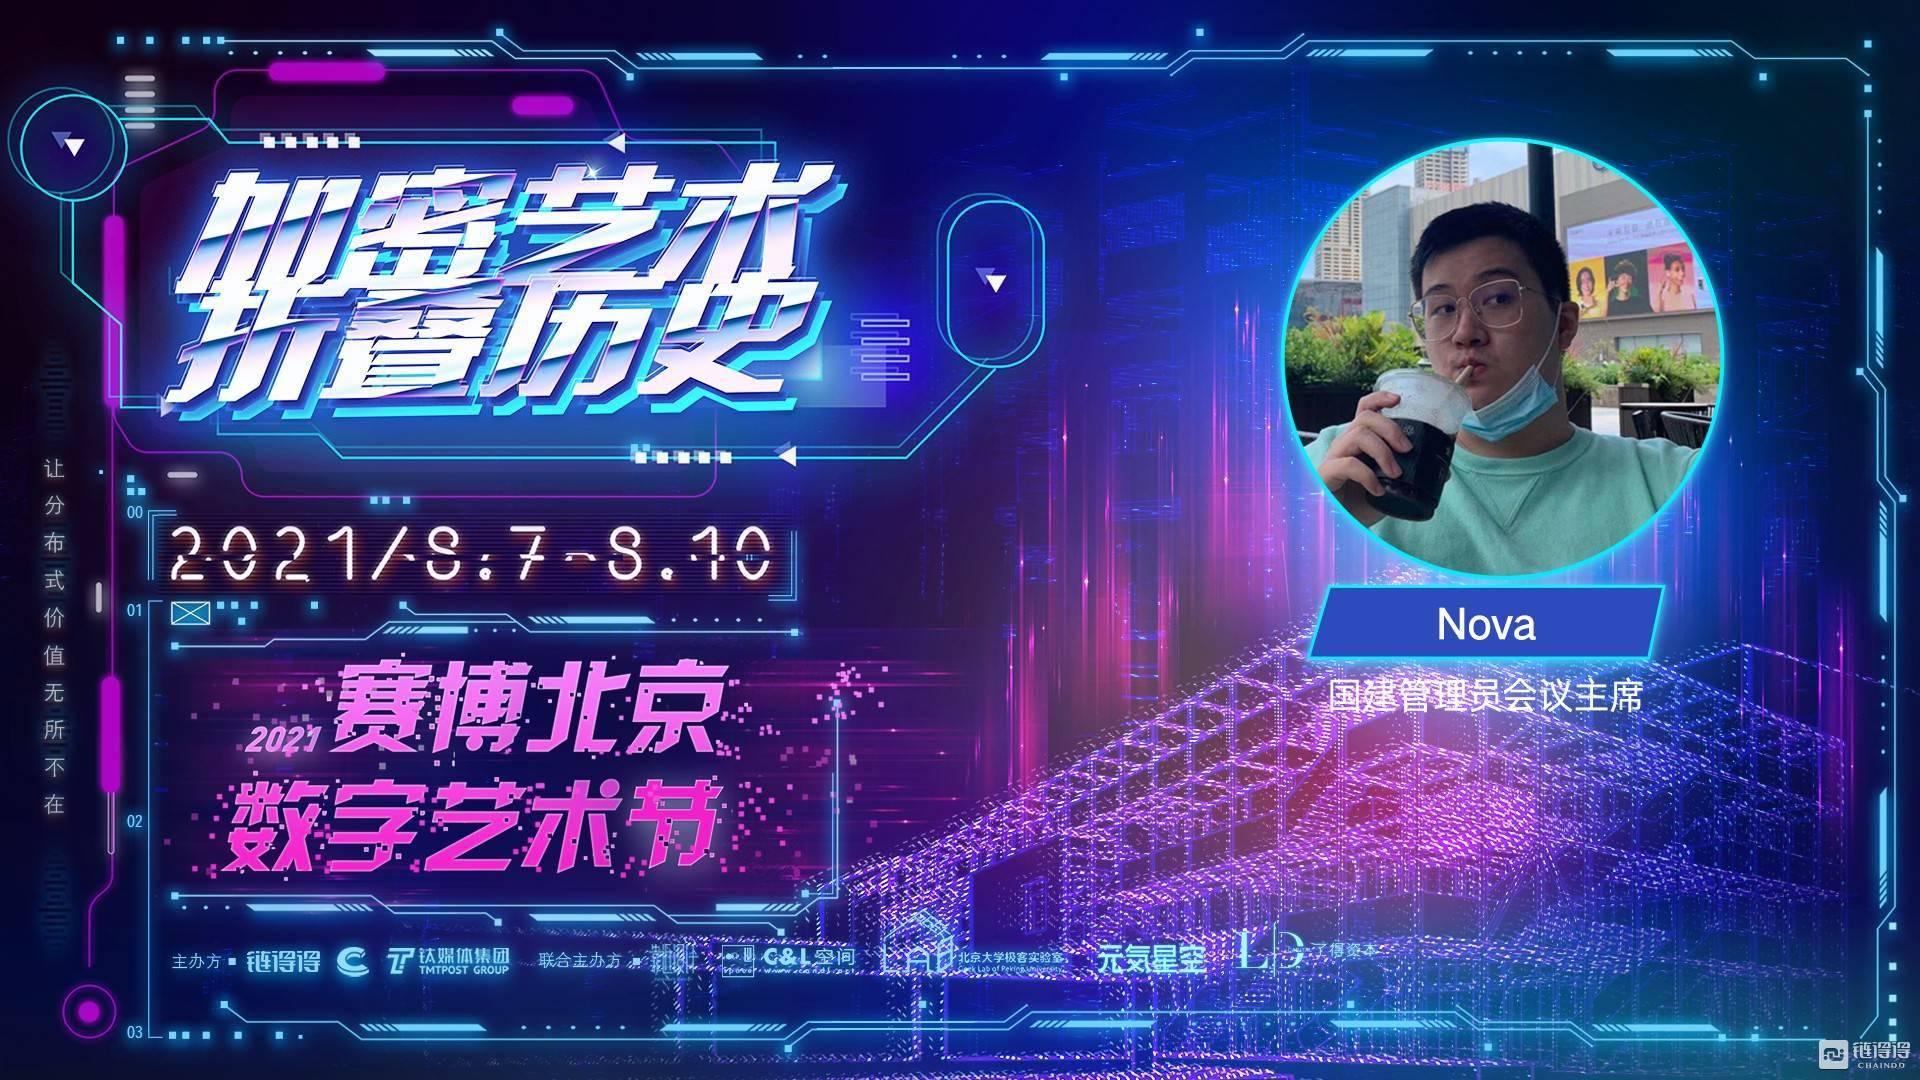 国建管理员会议主席Nova:兴趣推荐并不是技术上的进步 | 2021赛博北京·数字艺术节 币圈信息